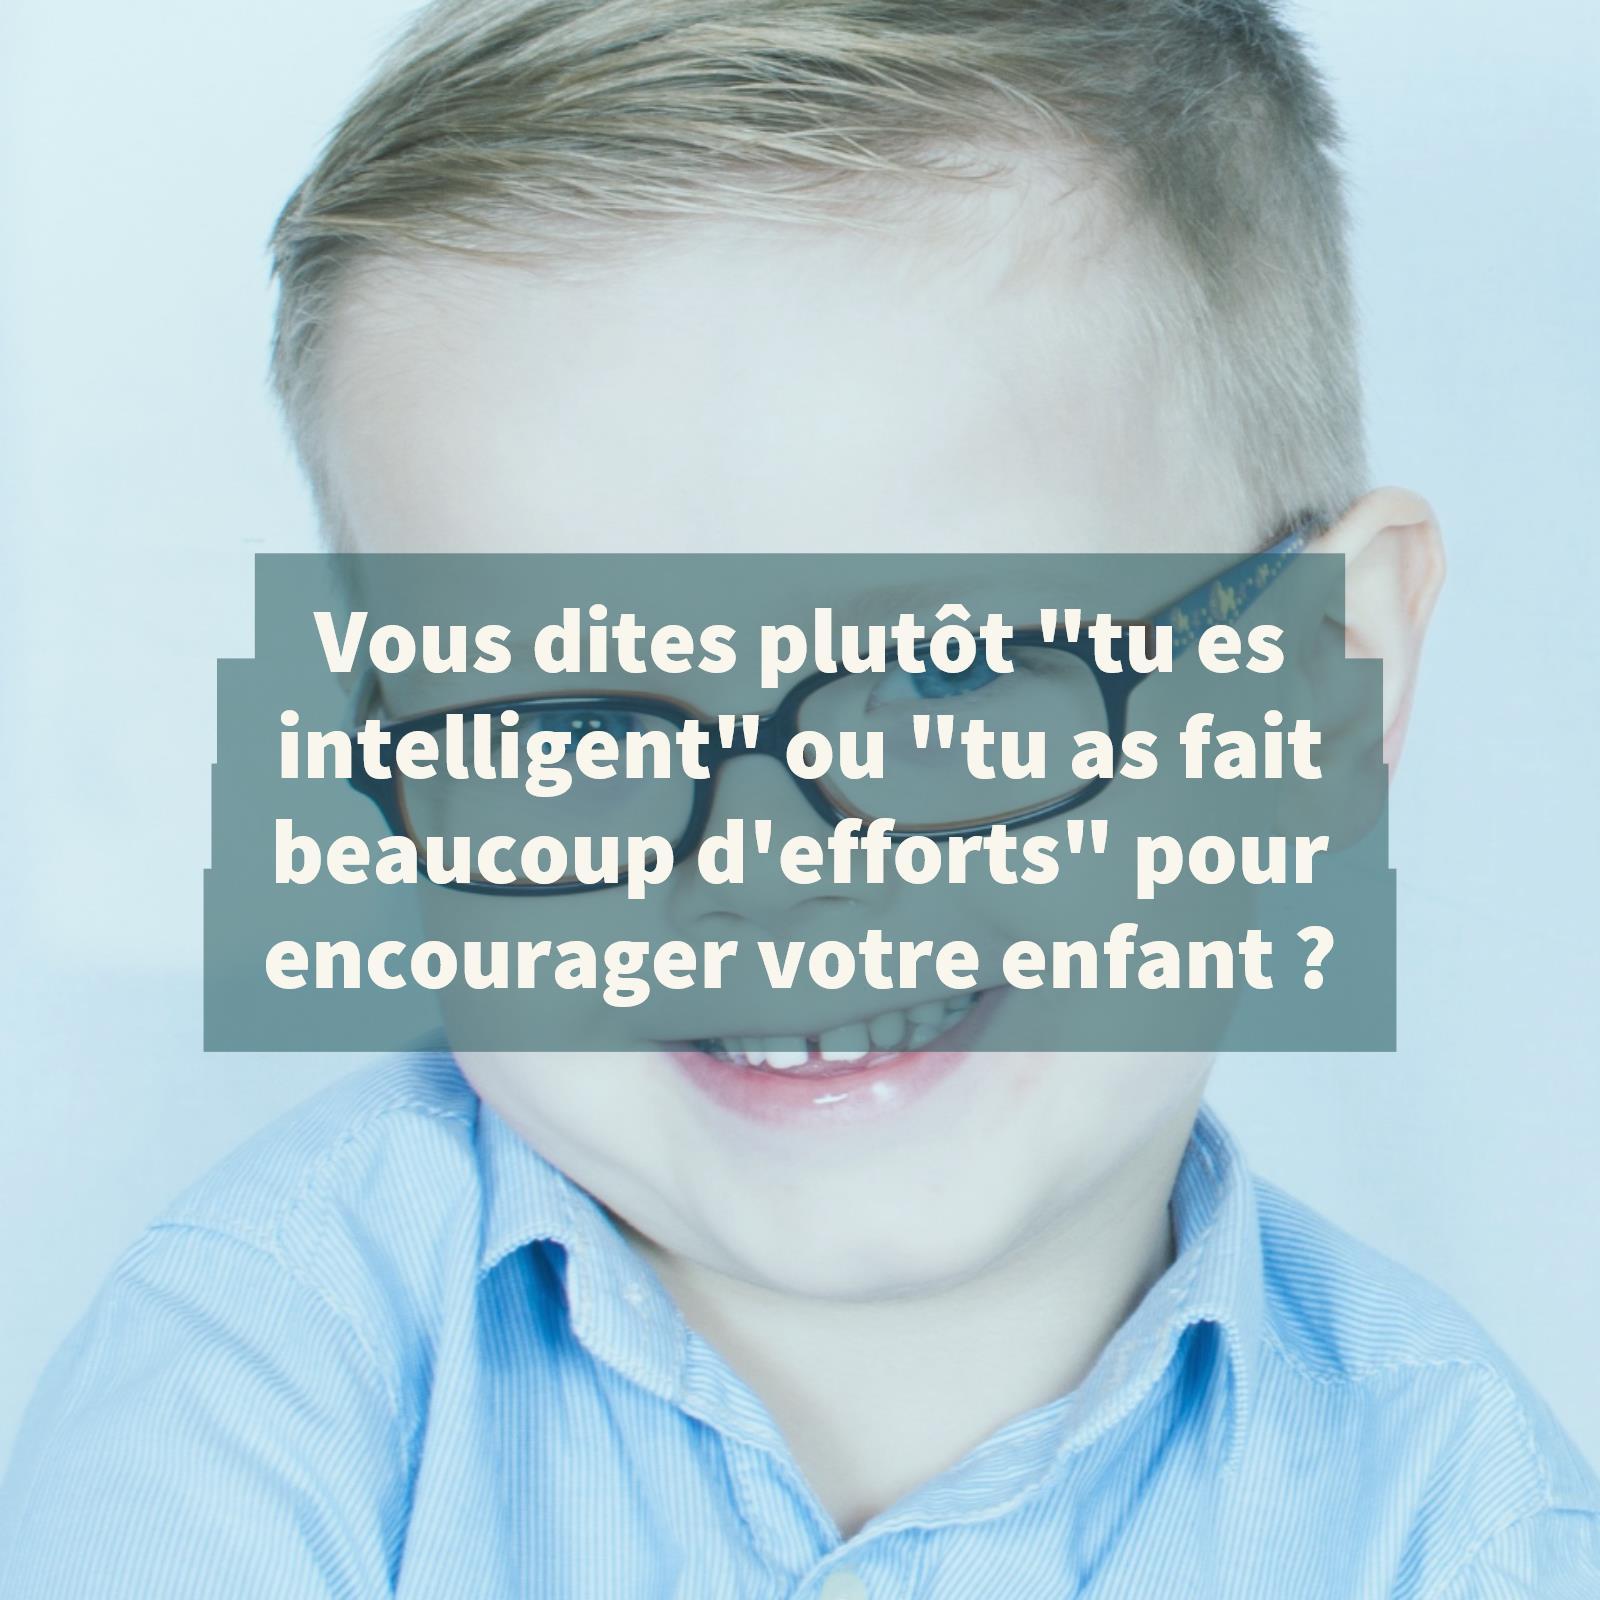 vous-dites-plutot-tu-es-intelligent-ou-tu-as-fait-beaucoup-defforts-pour-encourager-votre-enfant